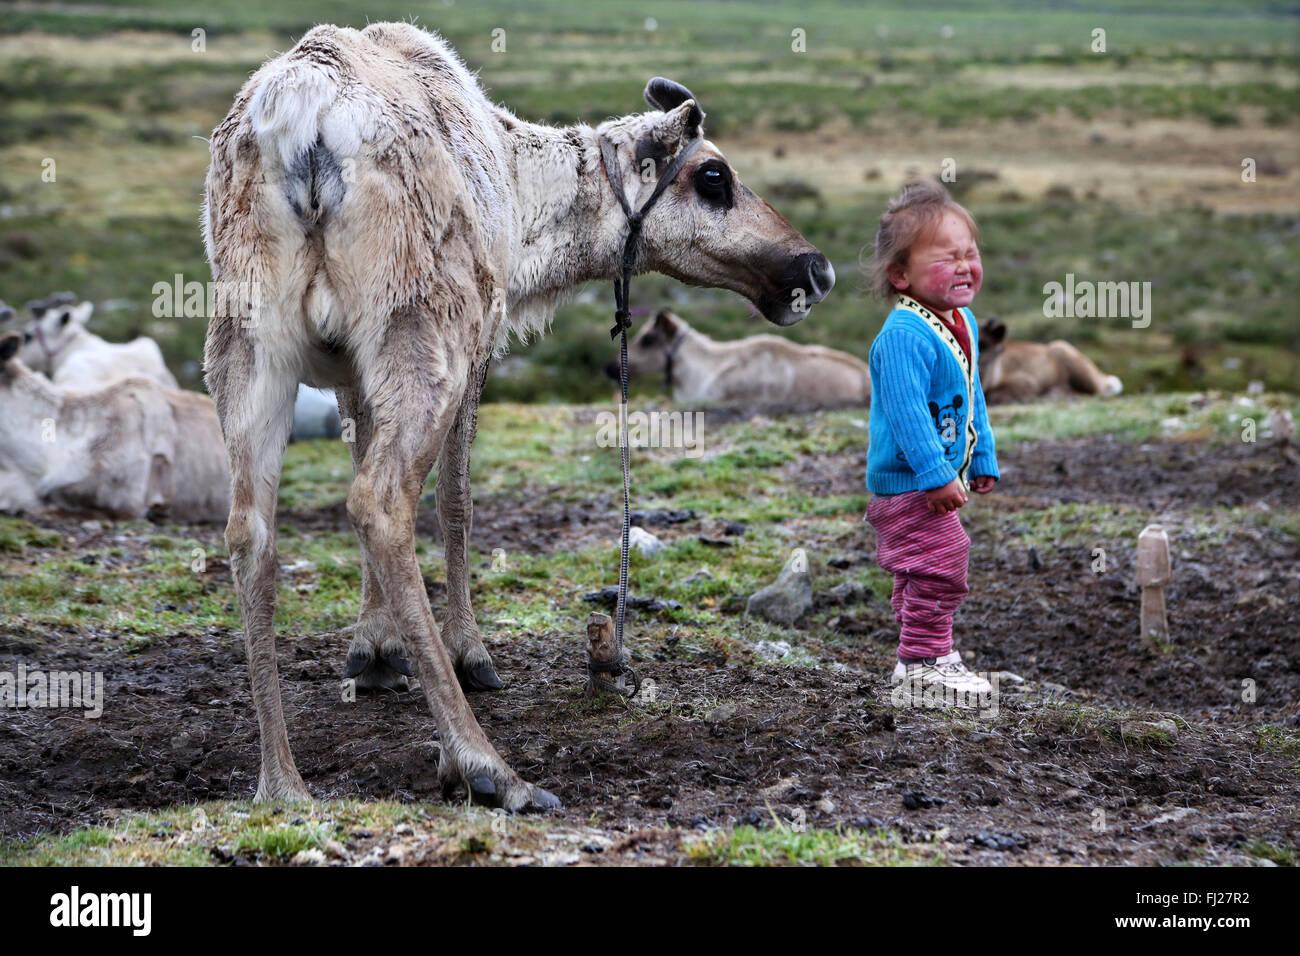 Bambini che giocano con le renne,Tsaatan Dukha persone , nomadi allevatori di renne , Mongolia Immagini Stock